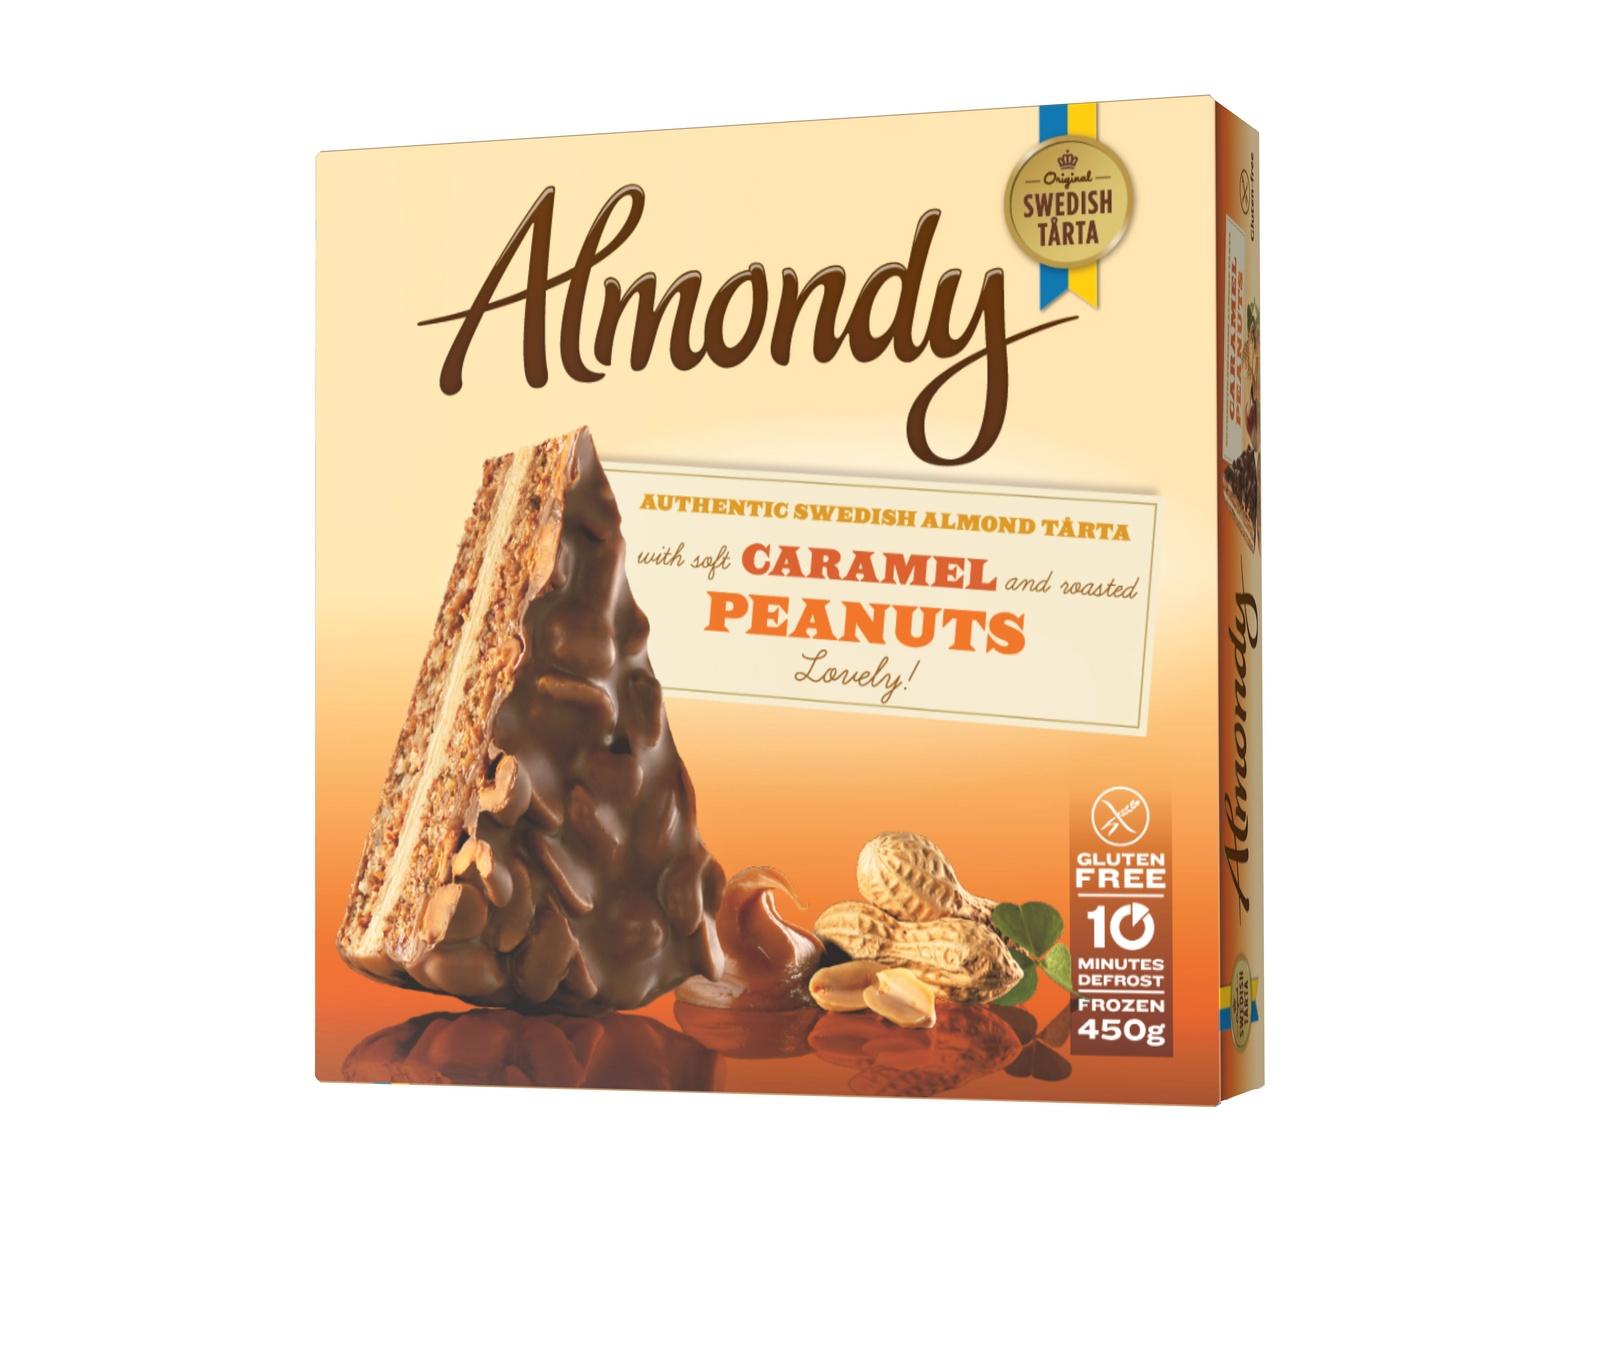 Миндальный торт Caramel & Peanuts (ТМ Almondy) БЕЗ ГЛЮТЕНА 450г*12